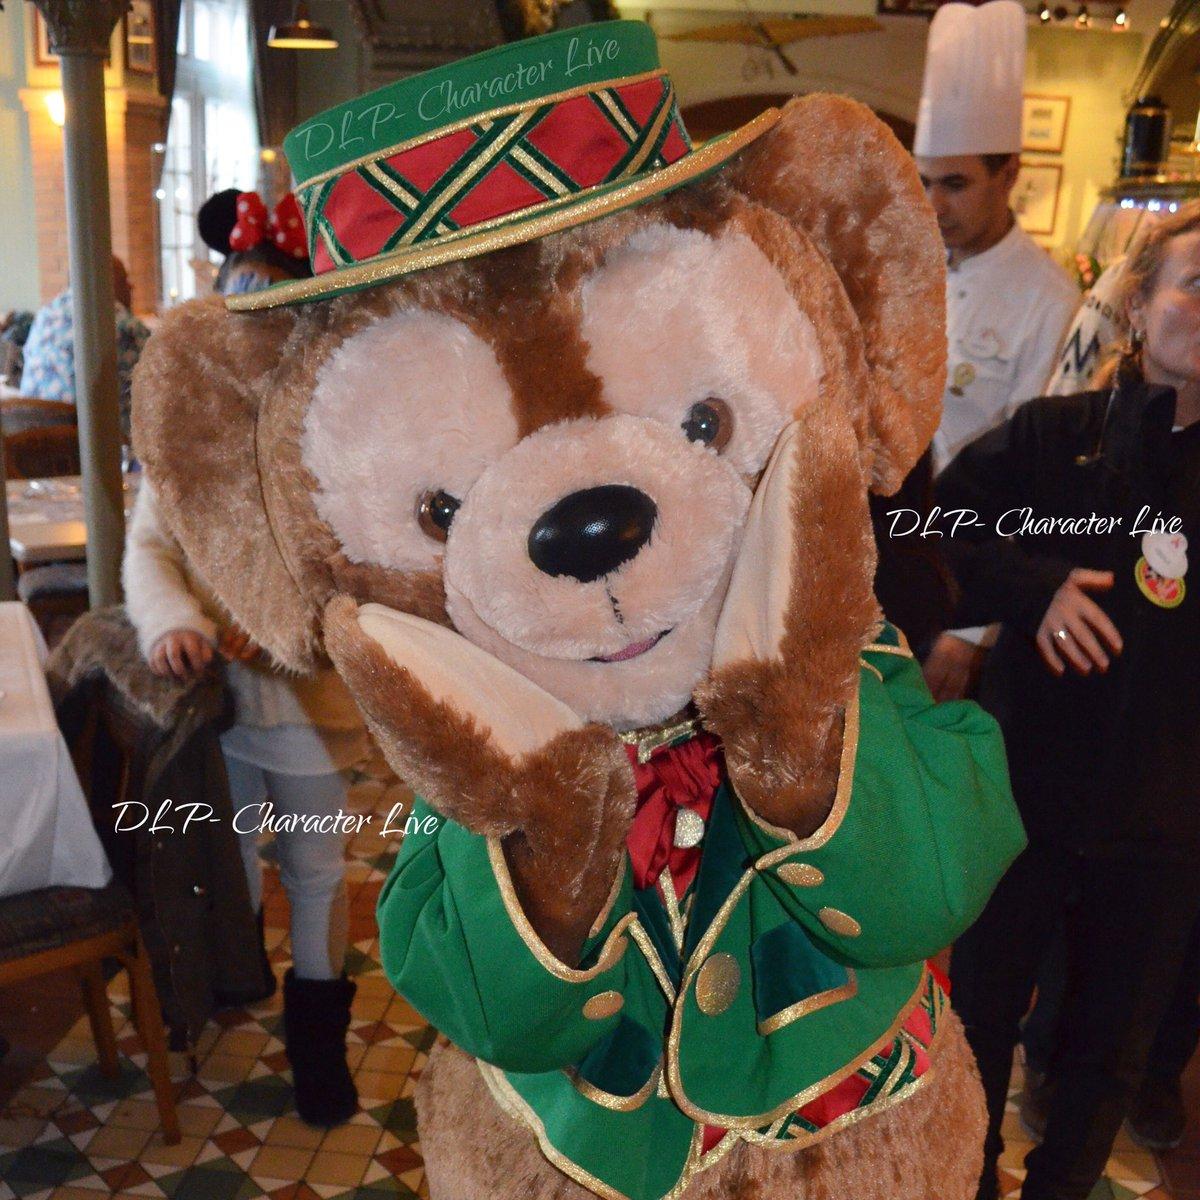 ❤️💚✨All I want for Christmas is Duffy!!!!✨💚❤️#duffy #duffyandfriends #duffythedisneybear #disneyXmas #dlp #Disney #DisneylandParis @DisneylandParis